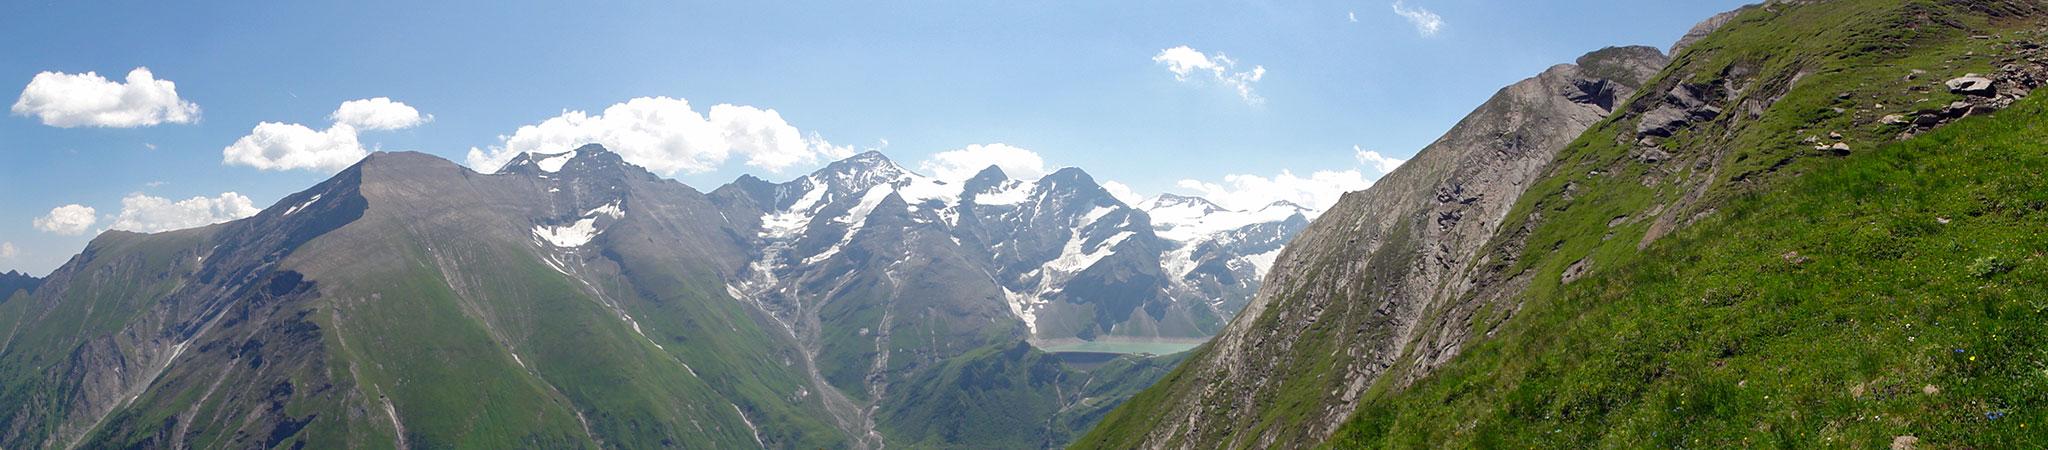 Arnoweg: Blick zurück auf die Hochgebirgsstauseen Kaprun und das Große Wiesbachhorn